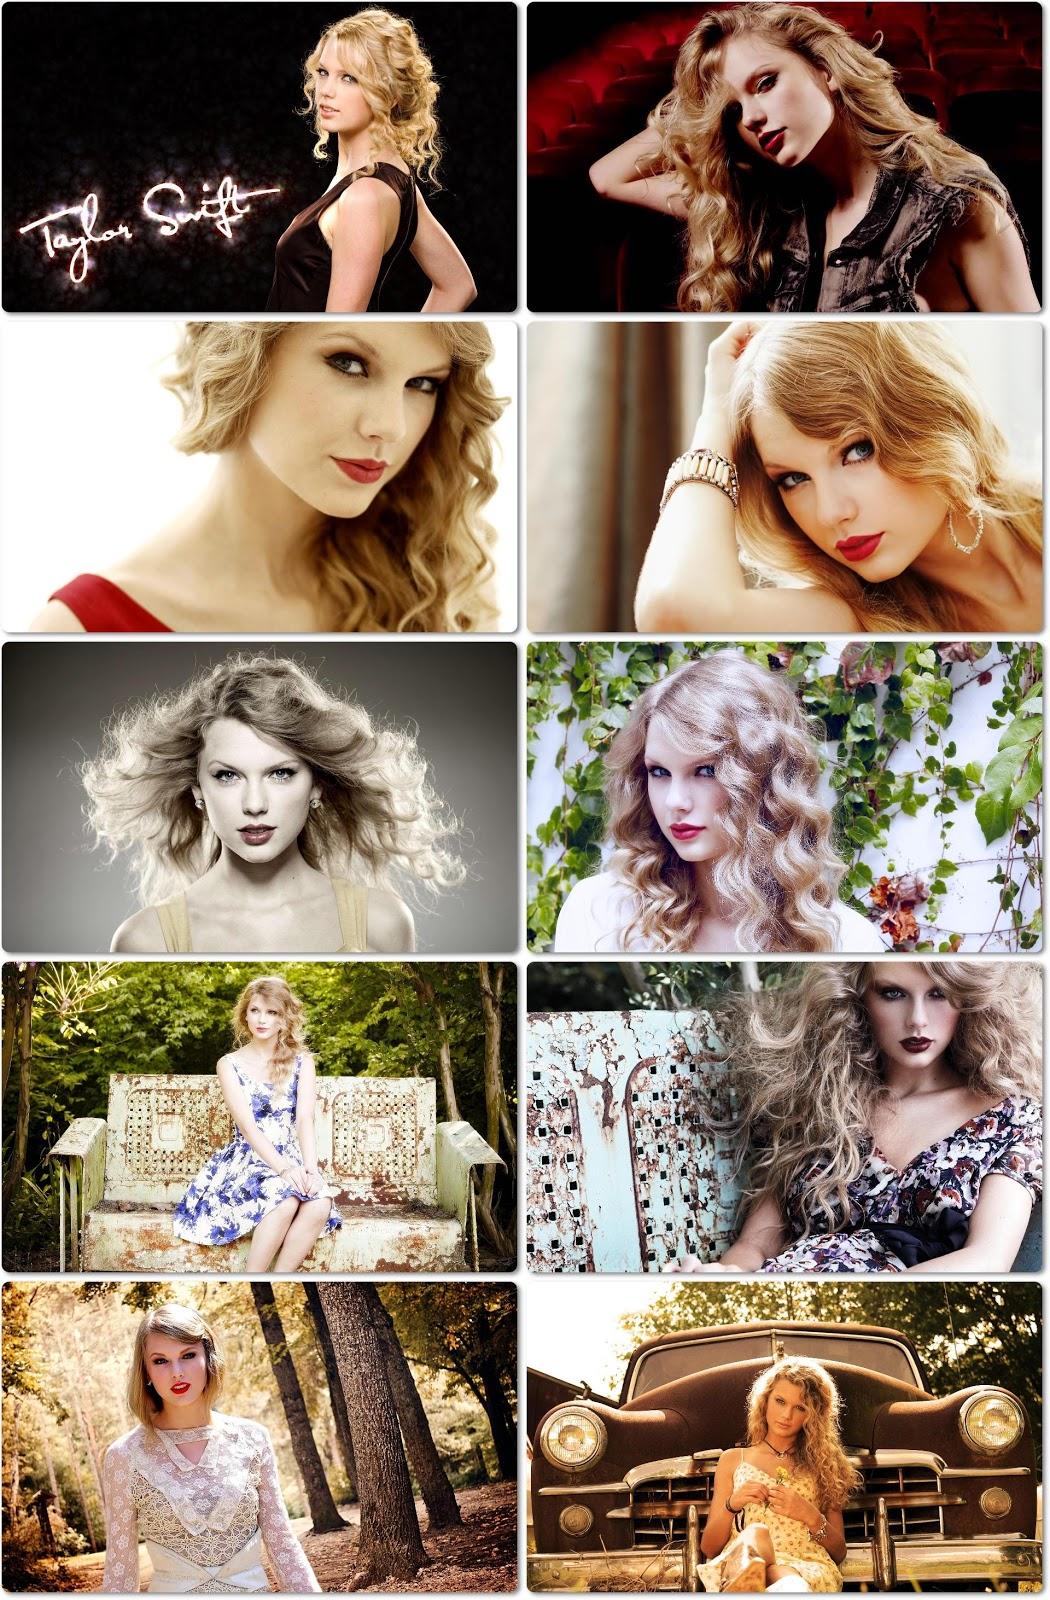 http://4.bp.blogspot.com/-MjwPu5f348k/T5J2Hx12r6I/AAAAAAAAGO0/kyQ0fBByDts/s1600/Taylor+Swift+(59)+(Custom)-tile+(Custom).jpg